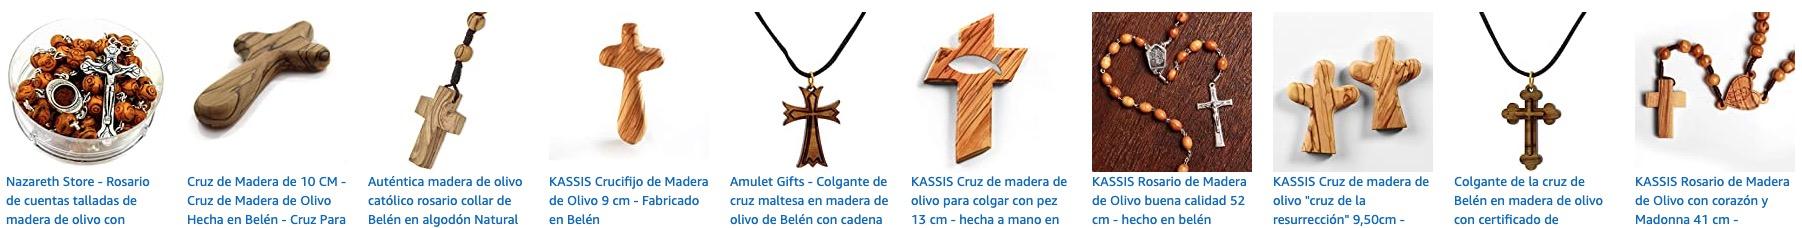 Tienda online cristiana